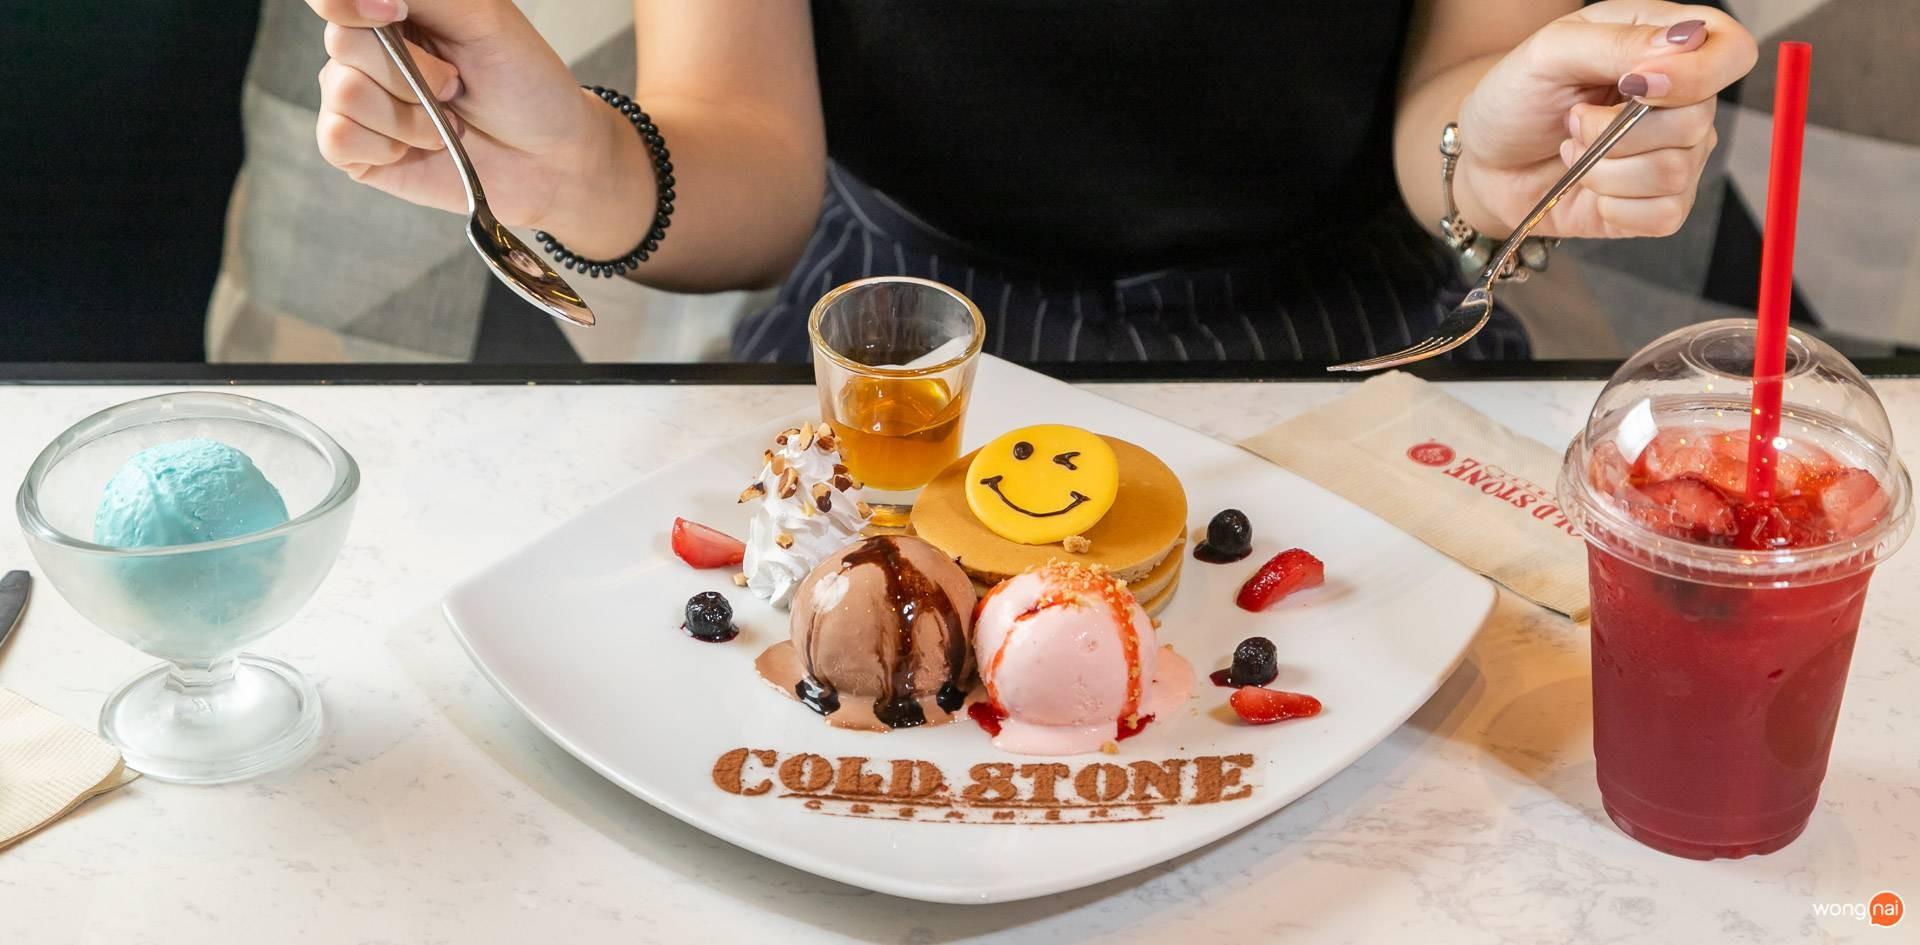 Cold Stone Creamery ศูนย์การค้าเซ็นทรัลพลาซา แกรนด์ พระราม 9